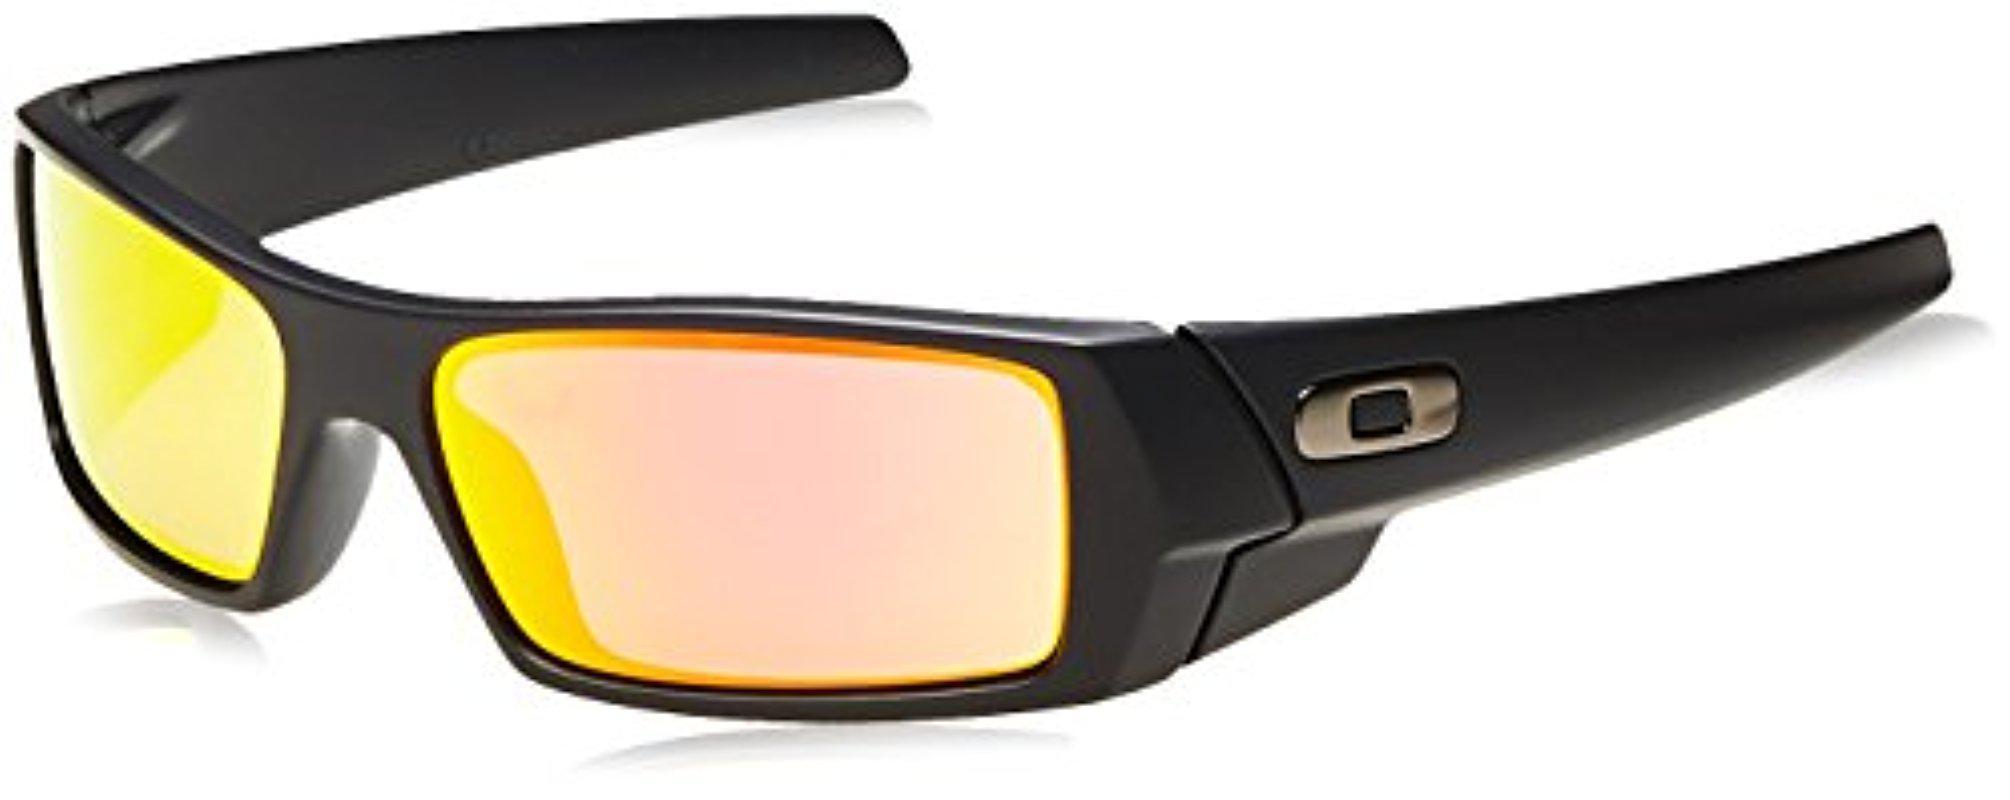 d9db6e6686 Lyst - Oakley Oo9014 Gascan Sunglasses in Black for Men